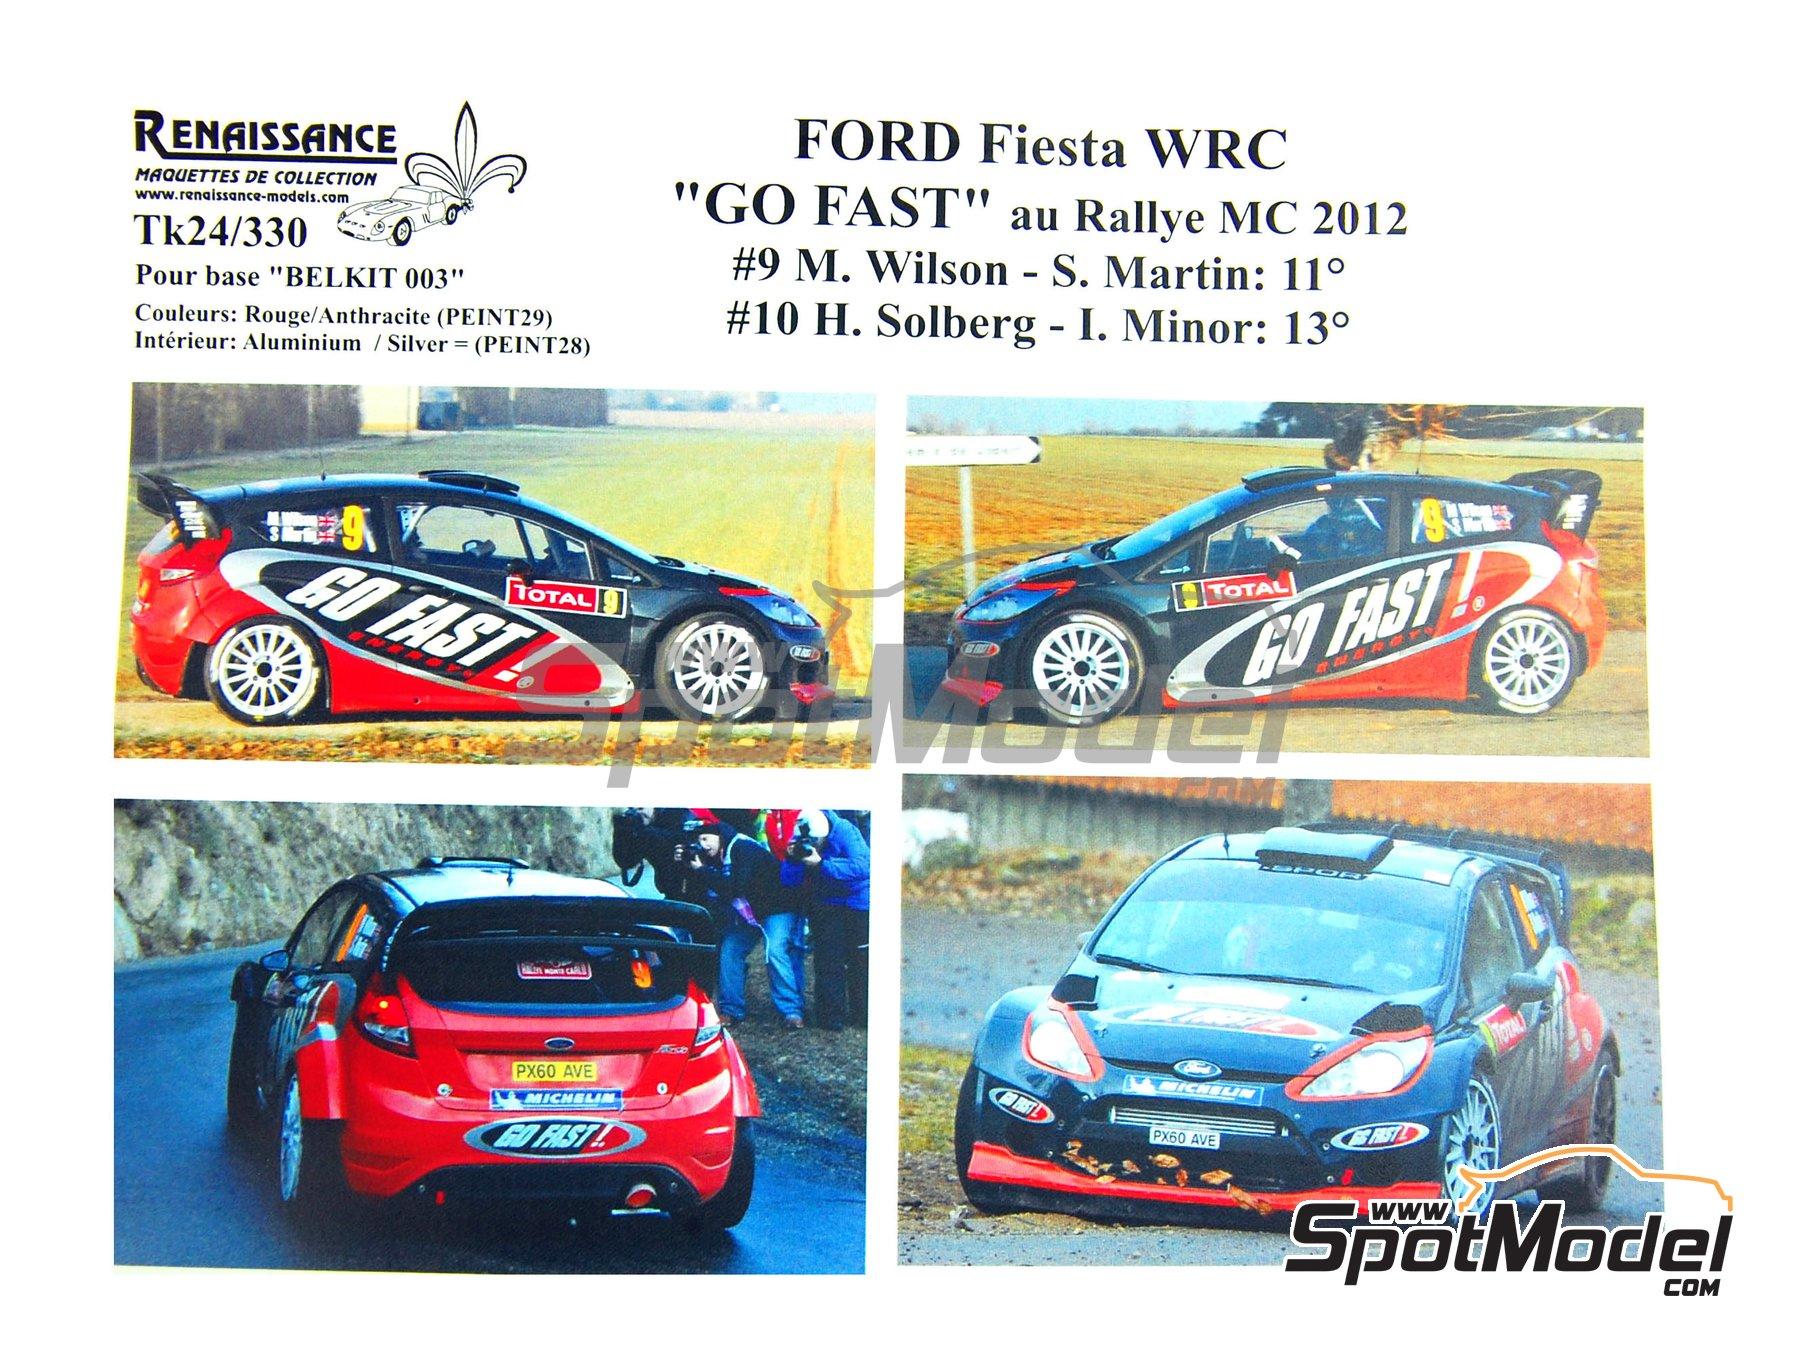 Image 1: Ford Fiesta WRC Go Fast! - Rally de Montecarlo 2012 | Calcas de agua en escala1/24 fabricado por Renaissance Models (ref.TK24-330)